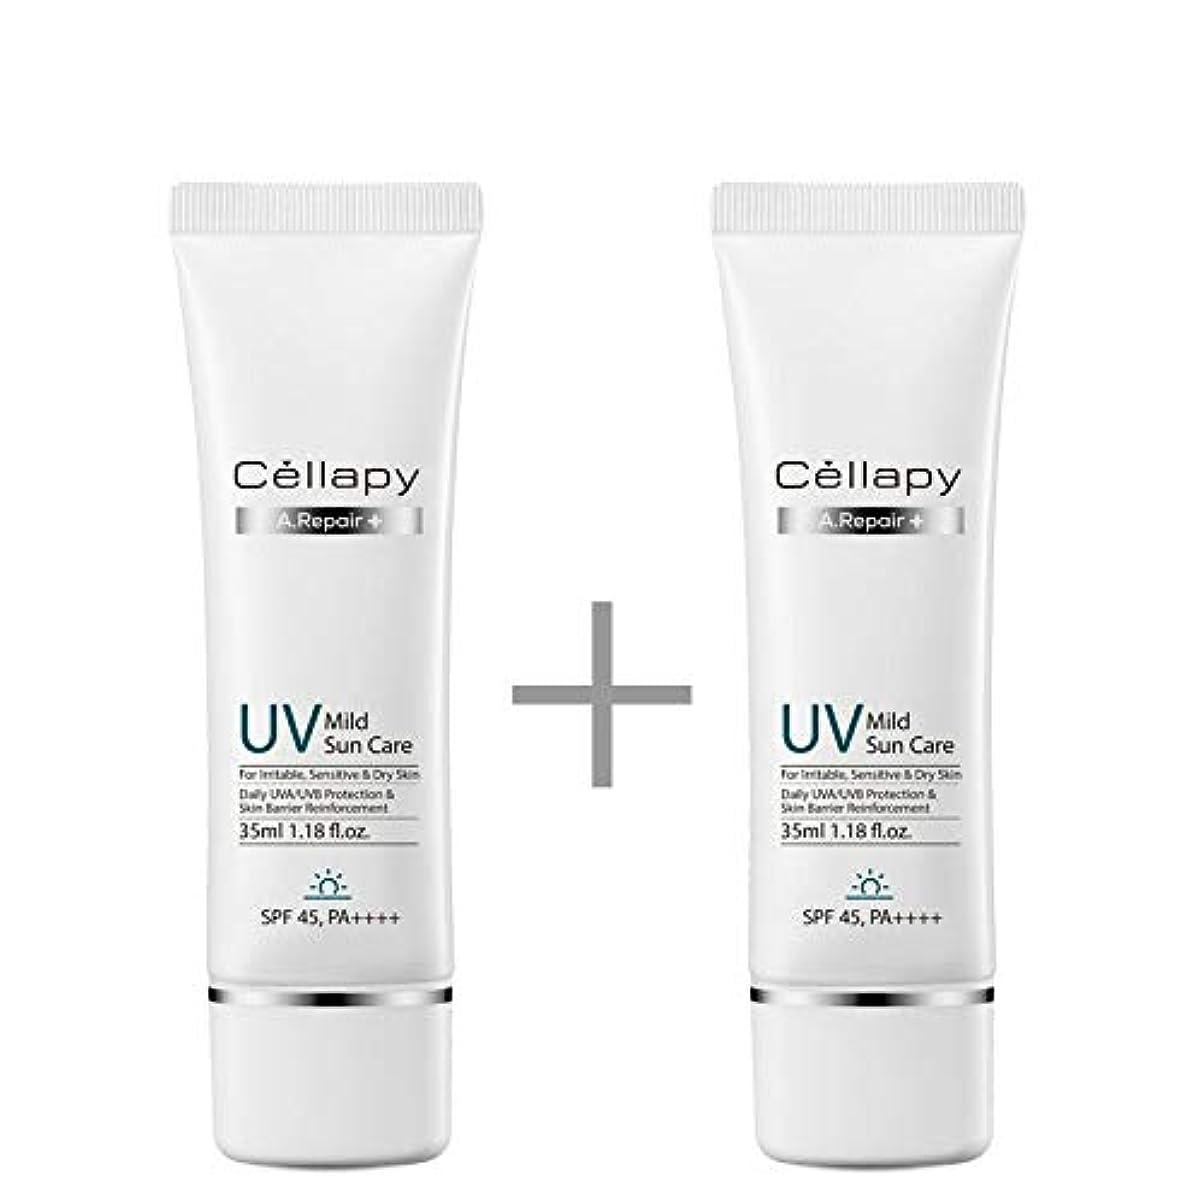 犬オーロックオーブン[1+1] 【Cellapy】 セルラーピ A.Repair Plus UV Mild Sun Care マイルドサンケア (35ml) SPF45/PA++++ 韓国 日焼け止め